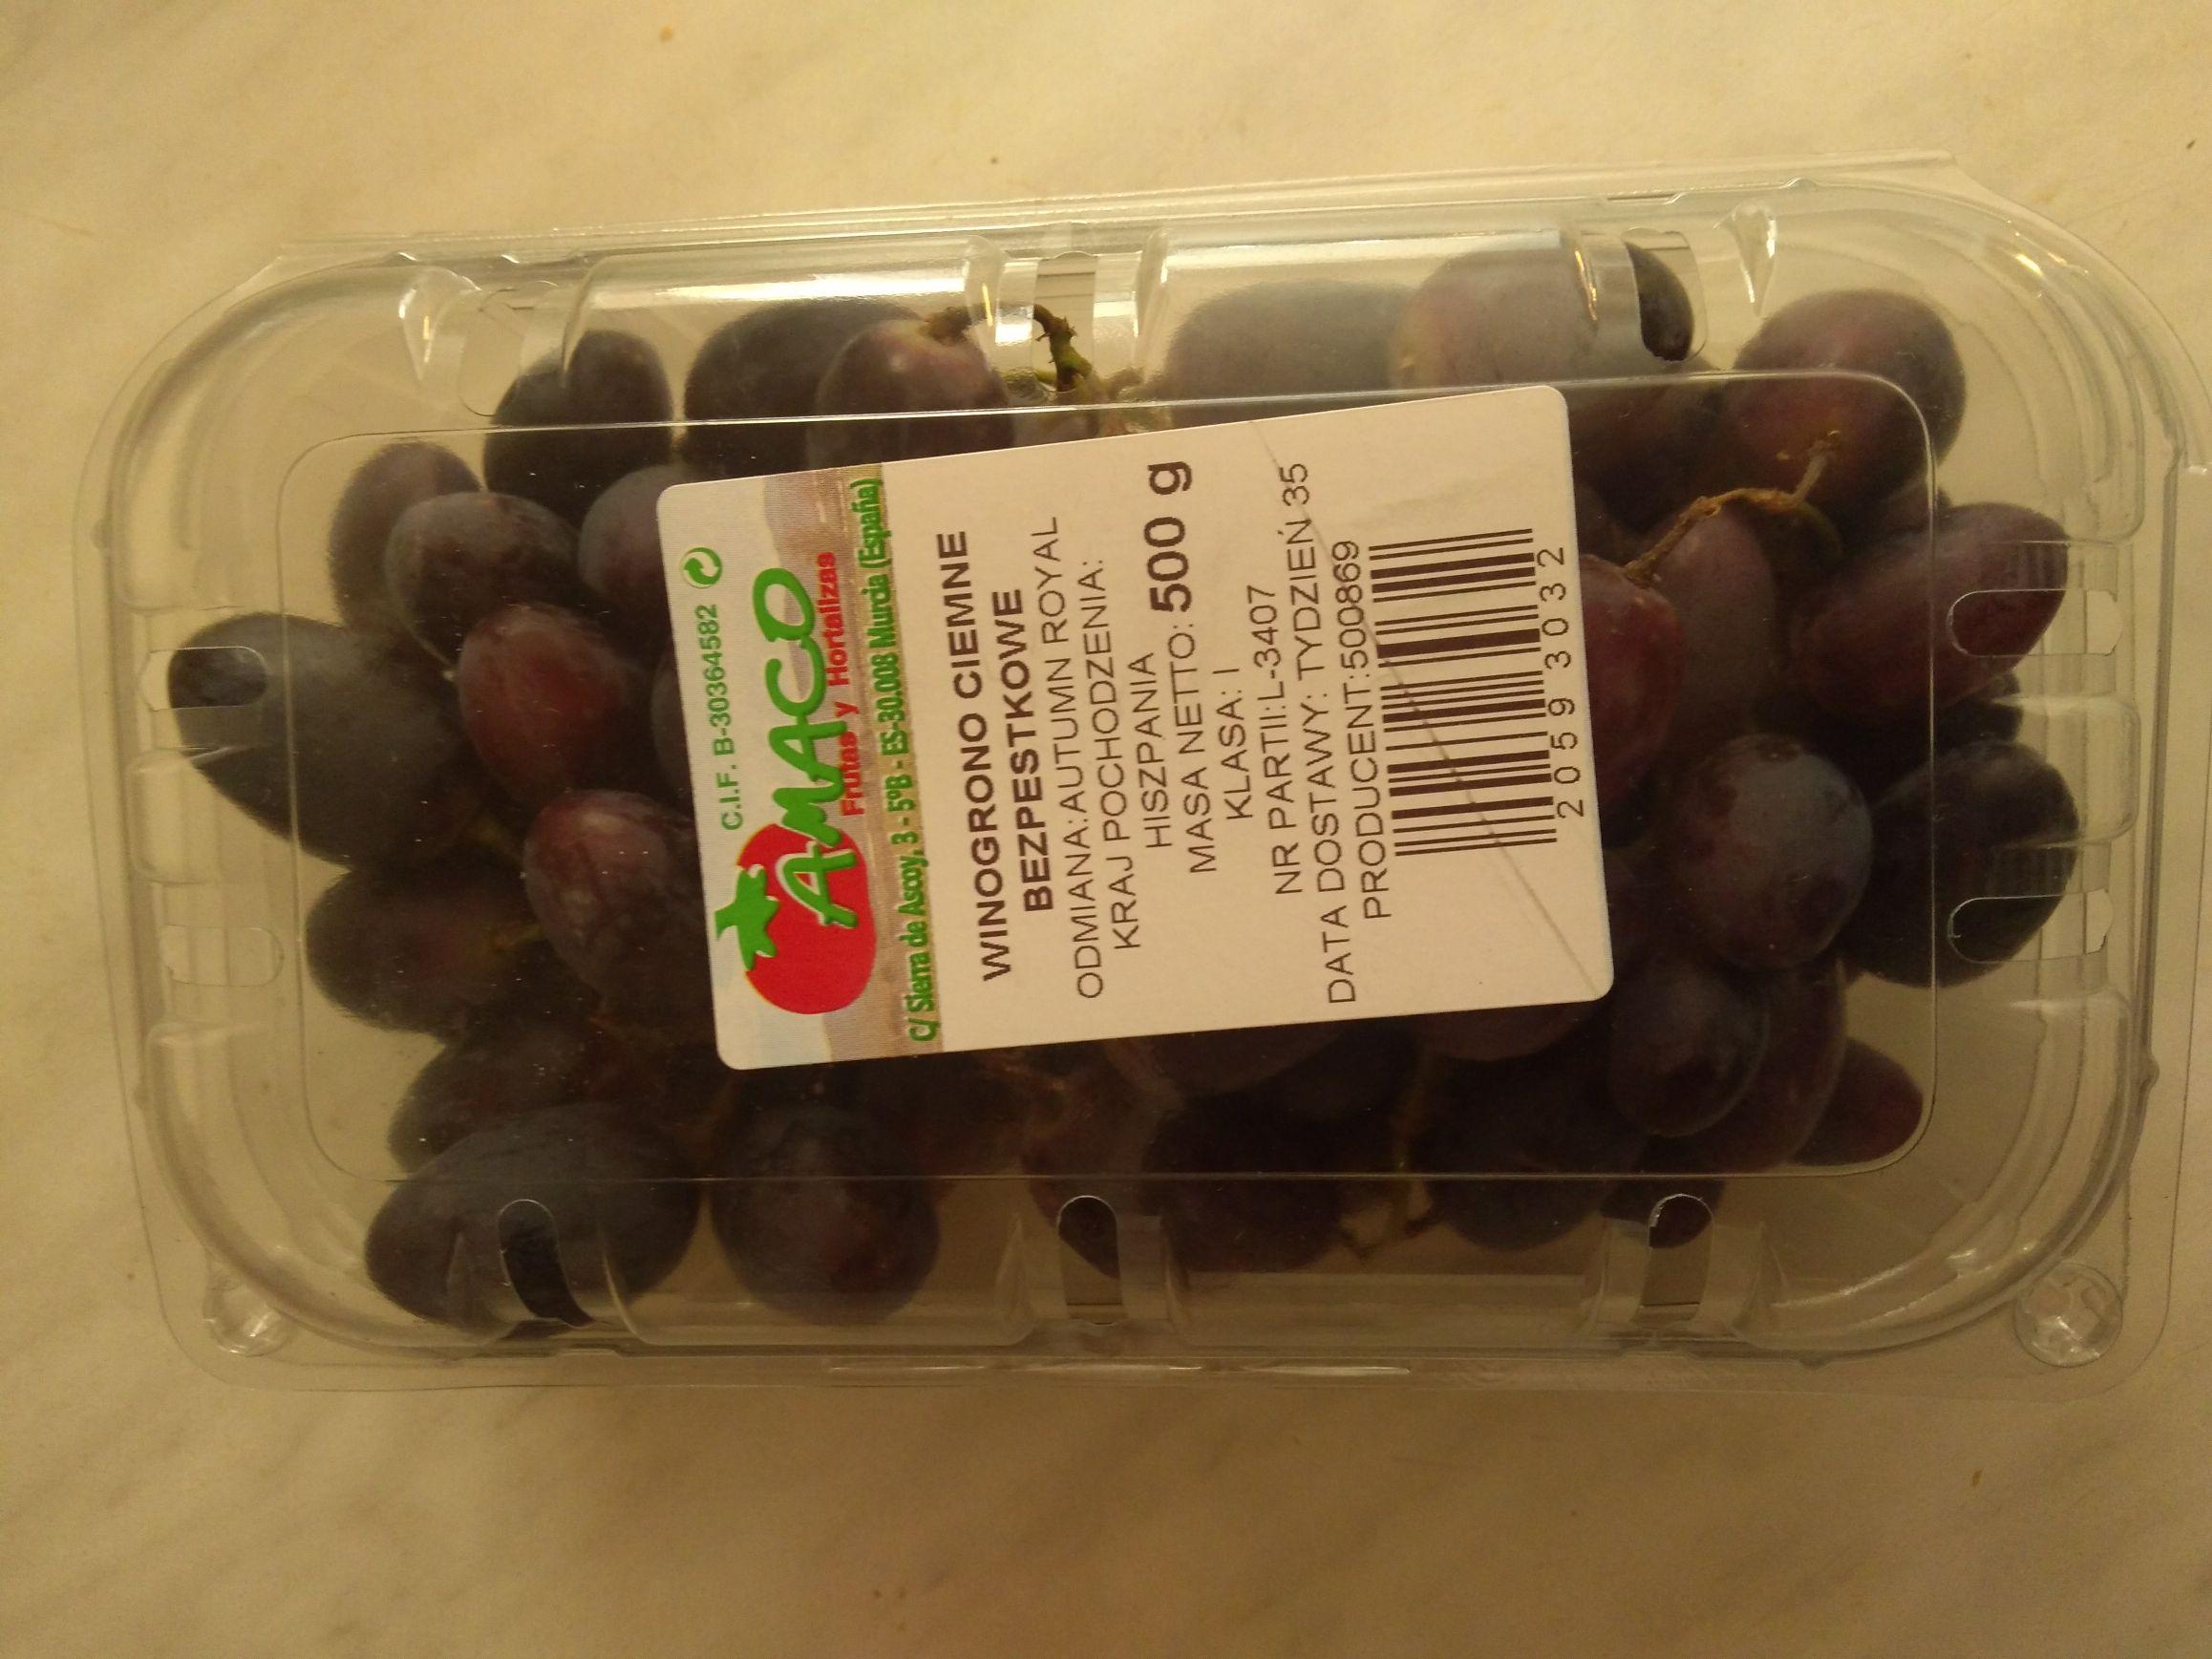 Winogrono ciemne bezpestkowe w Biedronce